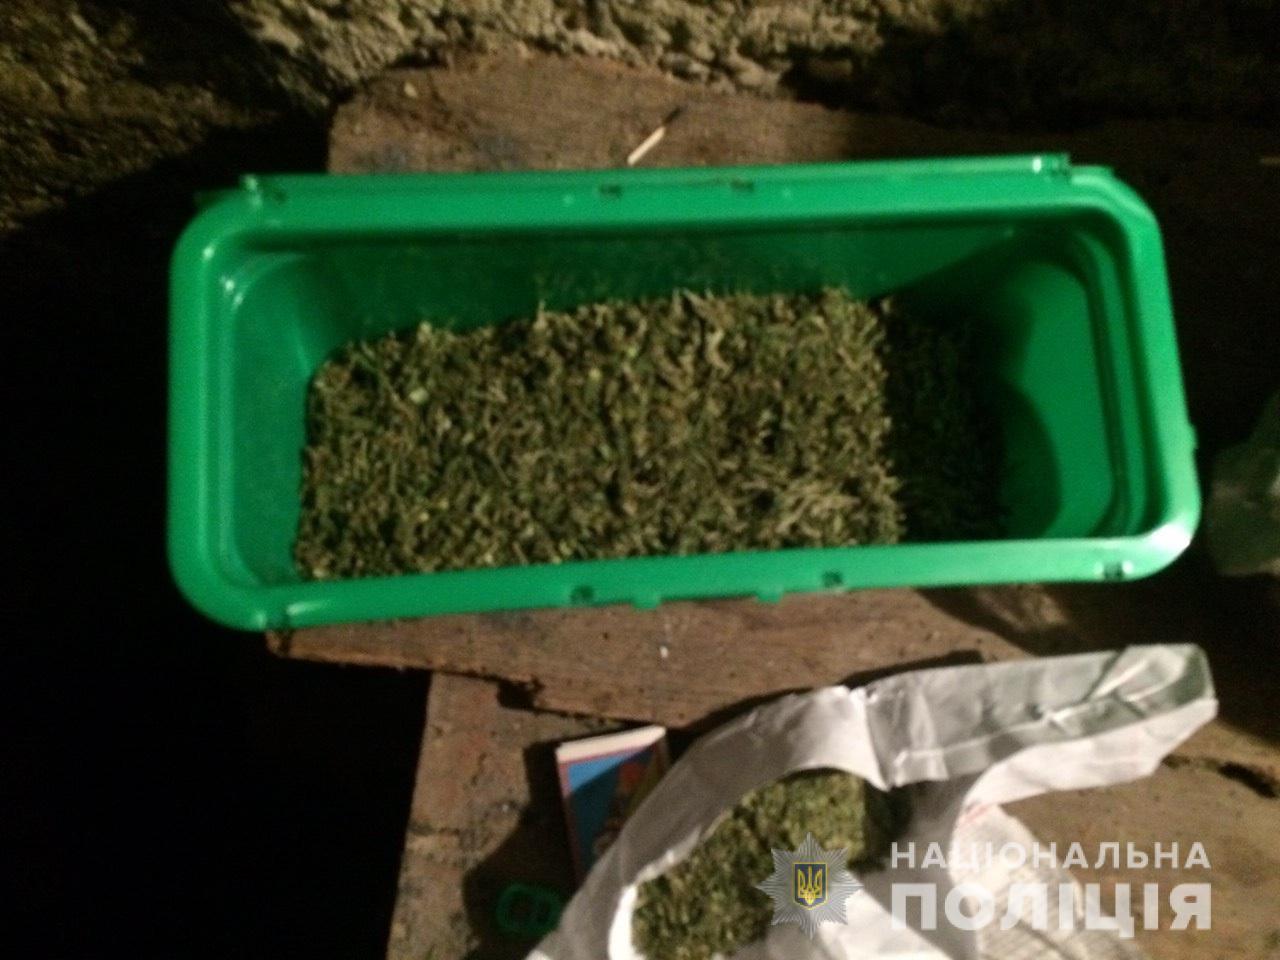 У двох жителів селища Буштино, що на Тячівщині, знайшли марихуану